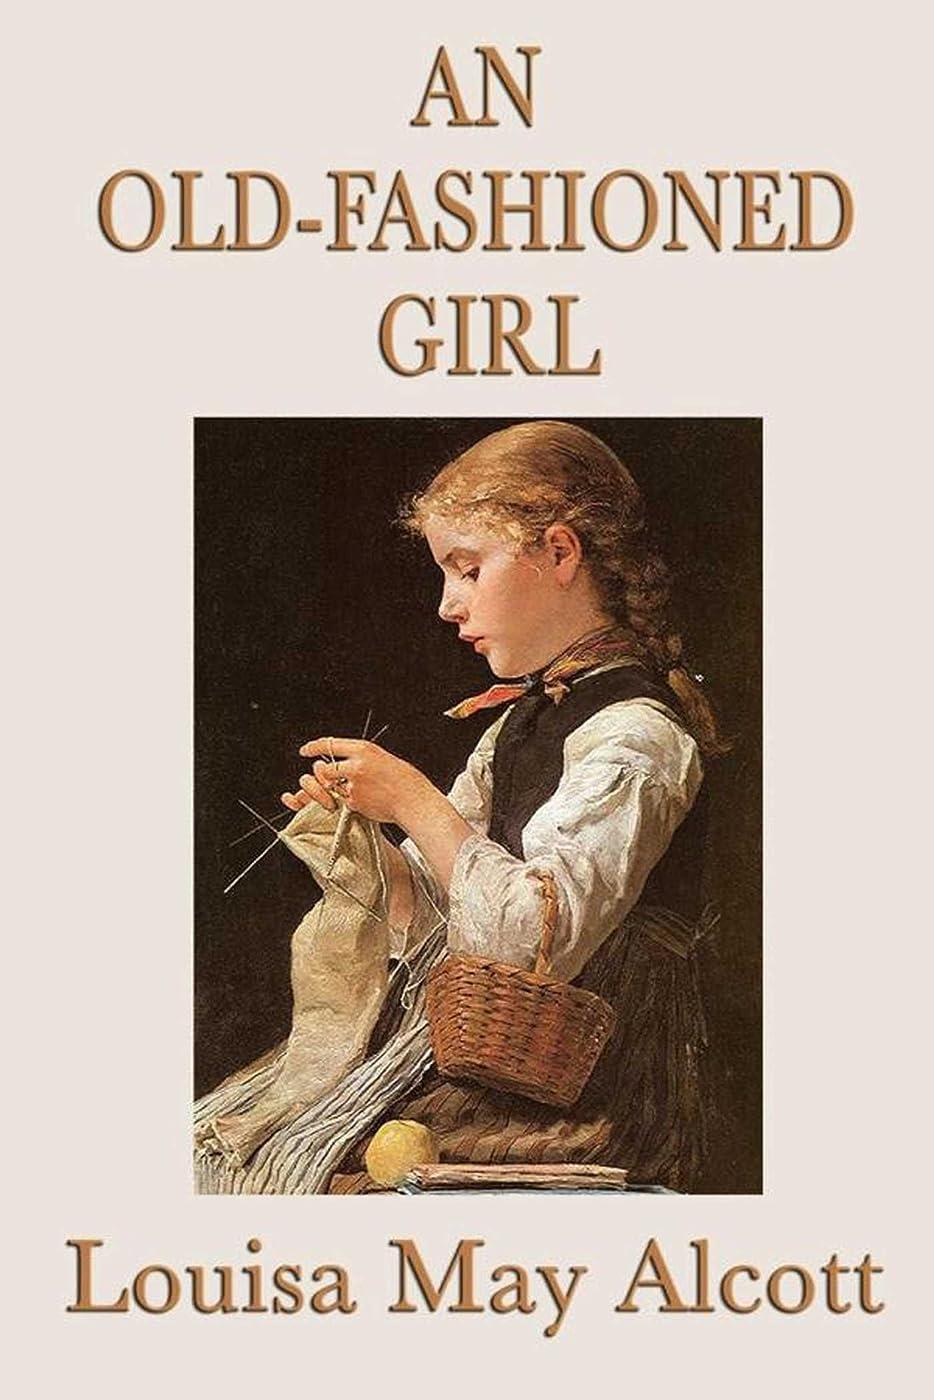 避けられない伝統乱暴なAn Old-Fashioned Girl (Unabridged Start Publishing LLC) (English Edition)